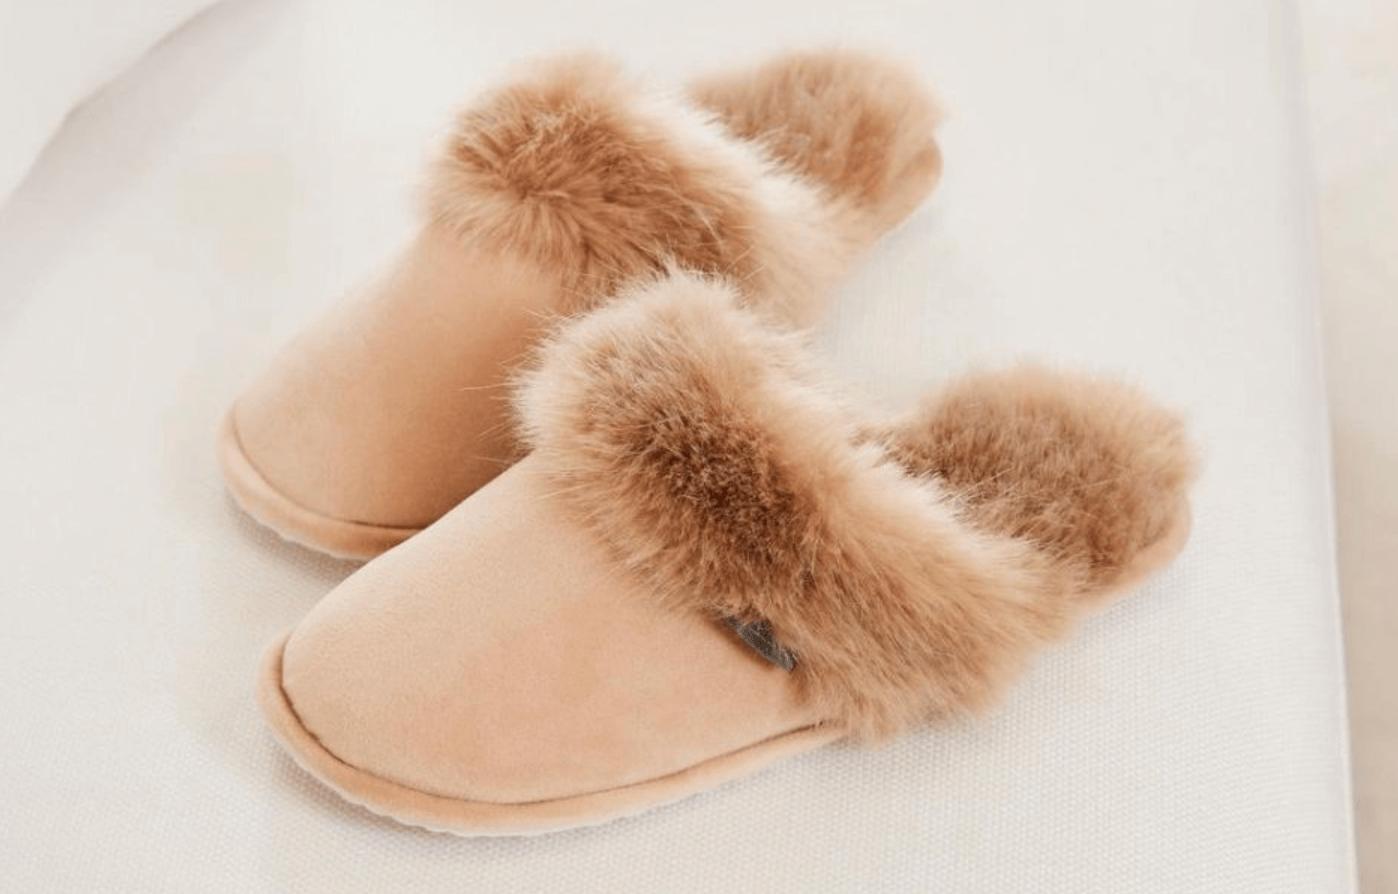 Skönt material på fötterna.